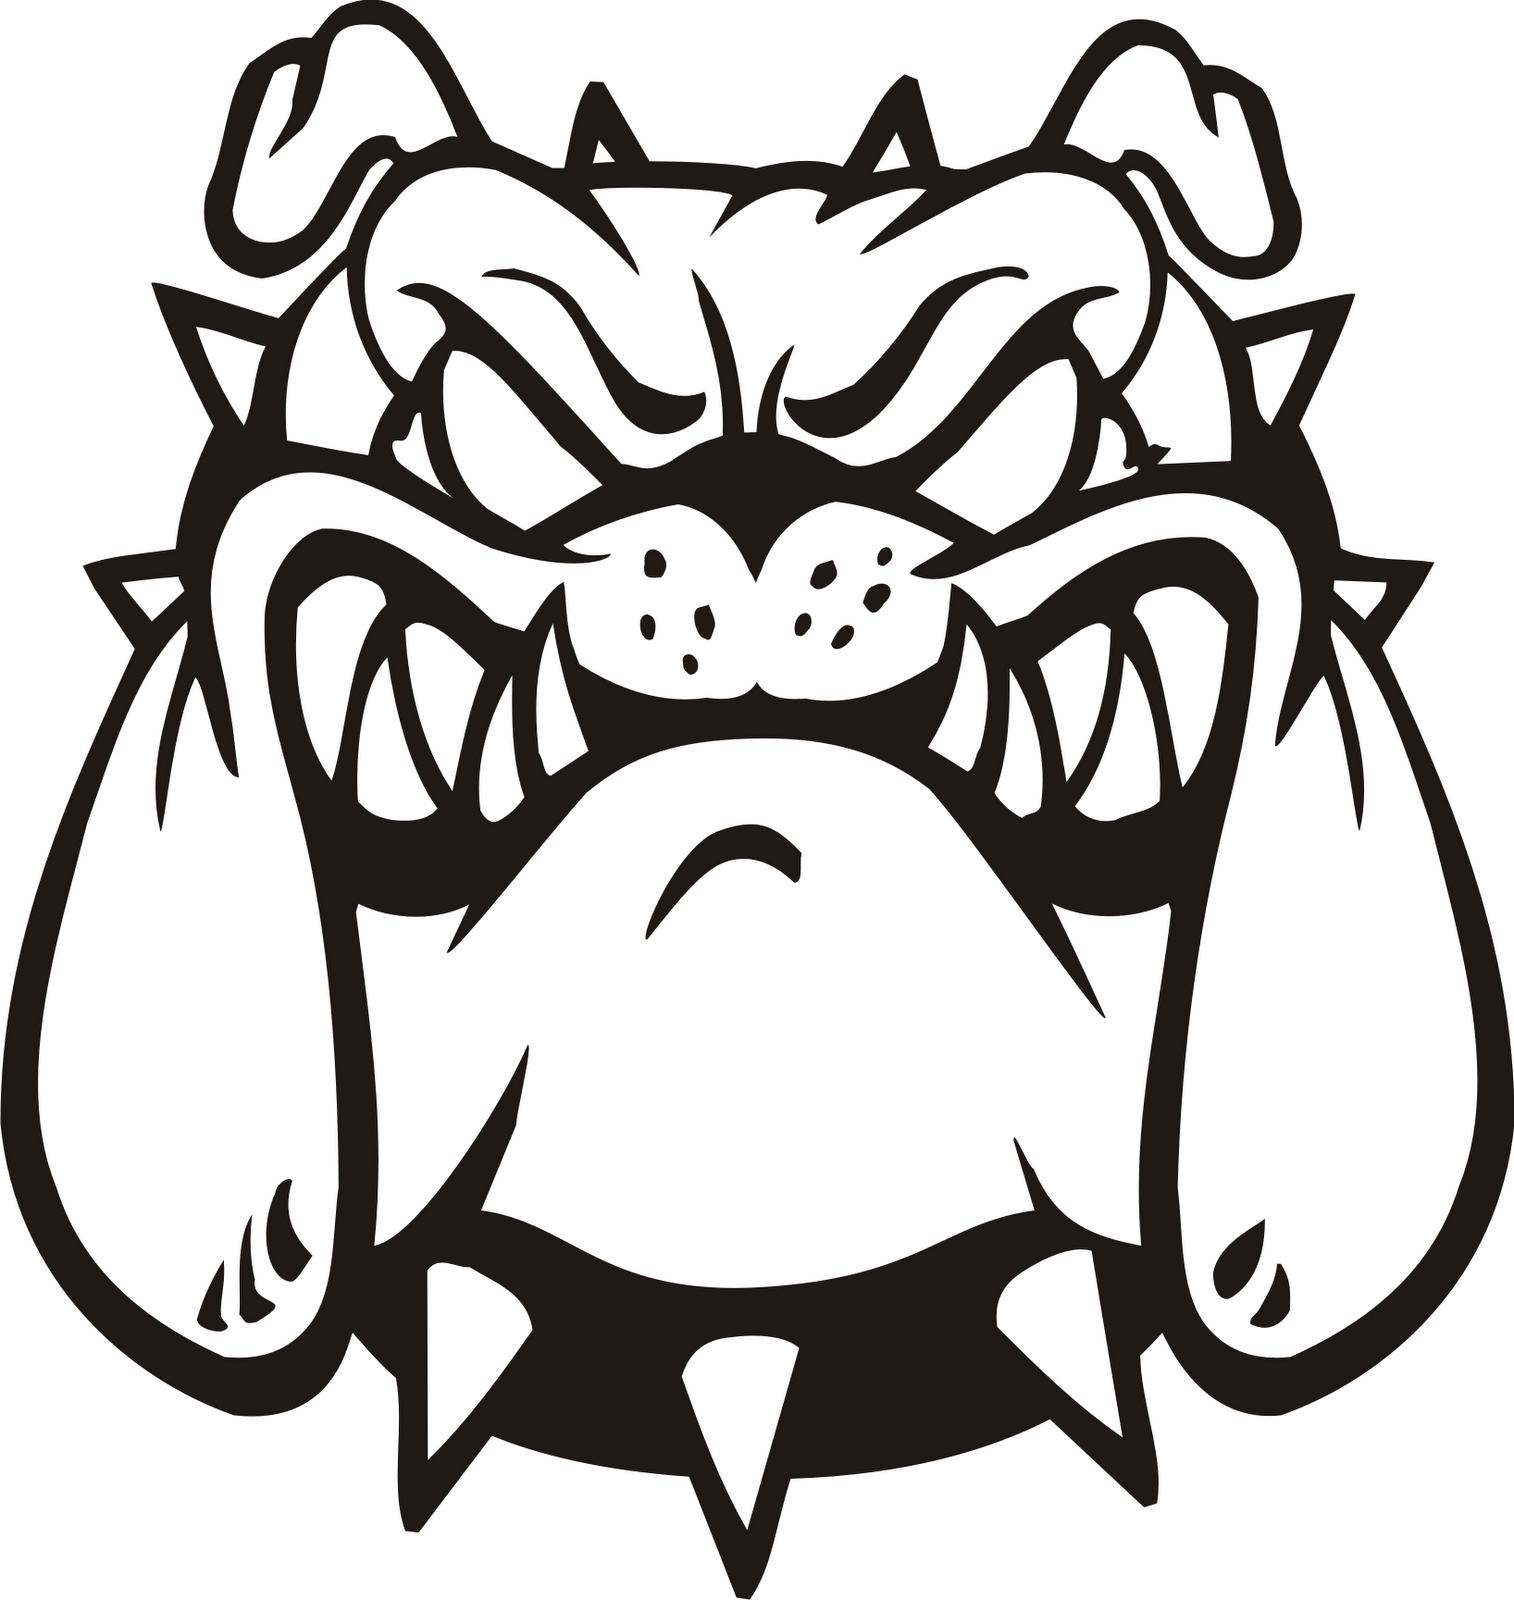 Bulldog bull dog clip art clipart image -Bulldog bull dog clip art clipart image 6-18